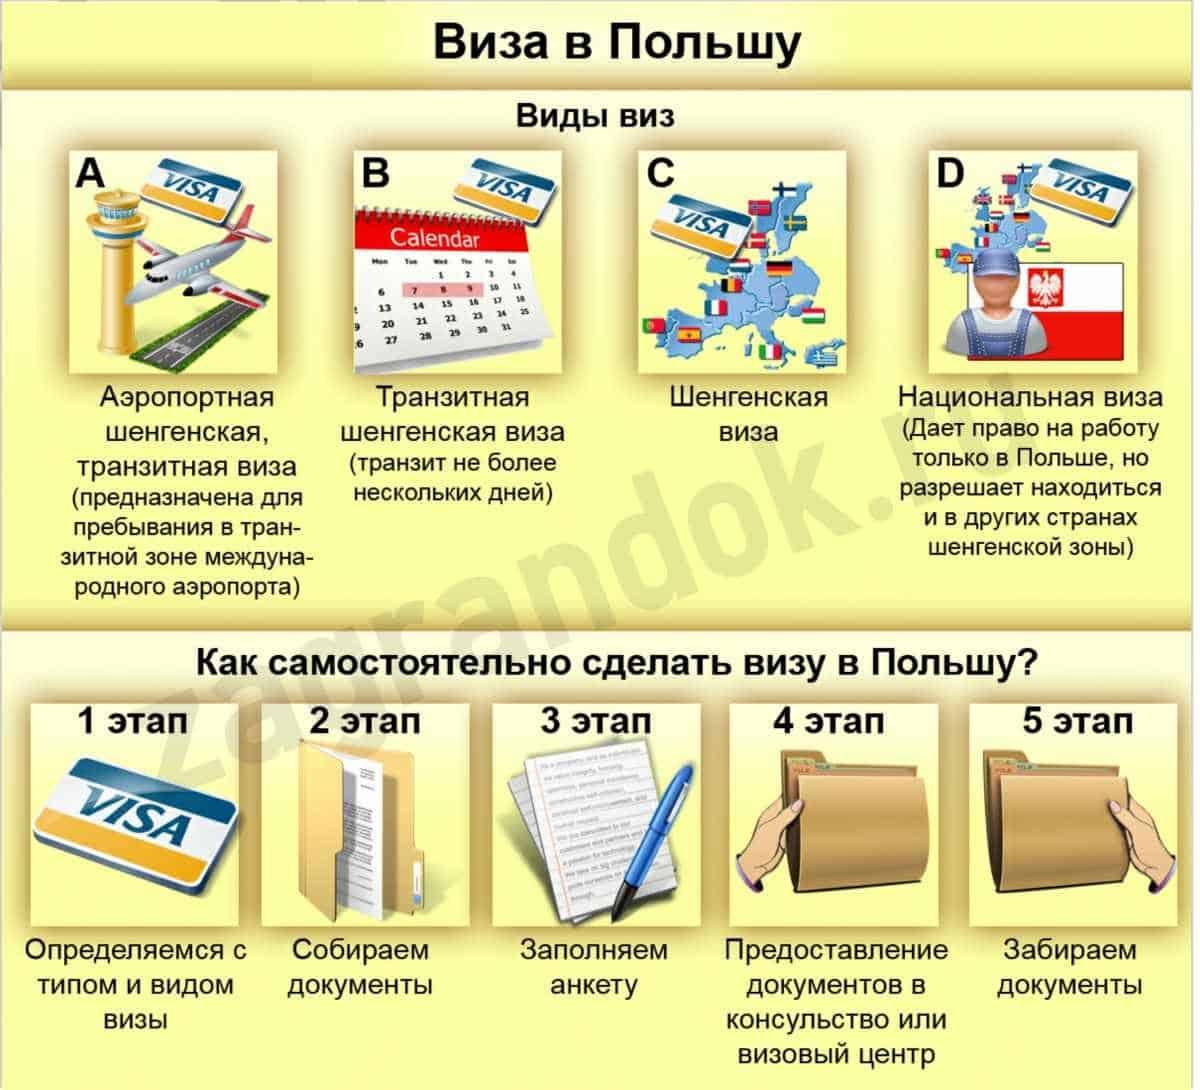 как самостоятельно сделать визу в Польшу